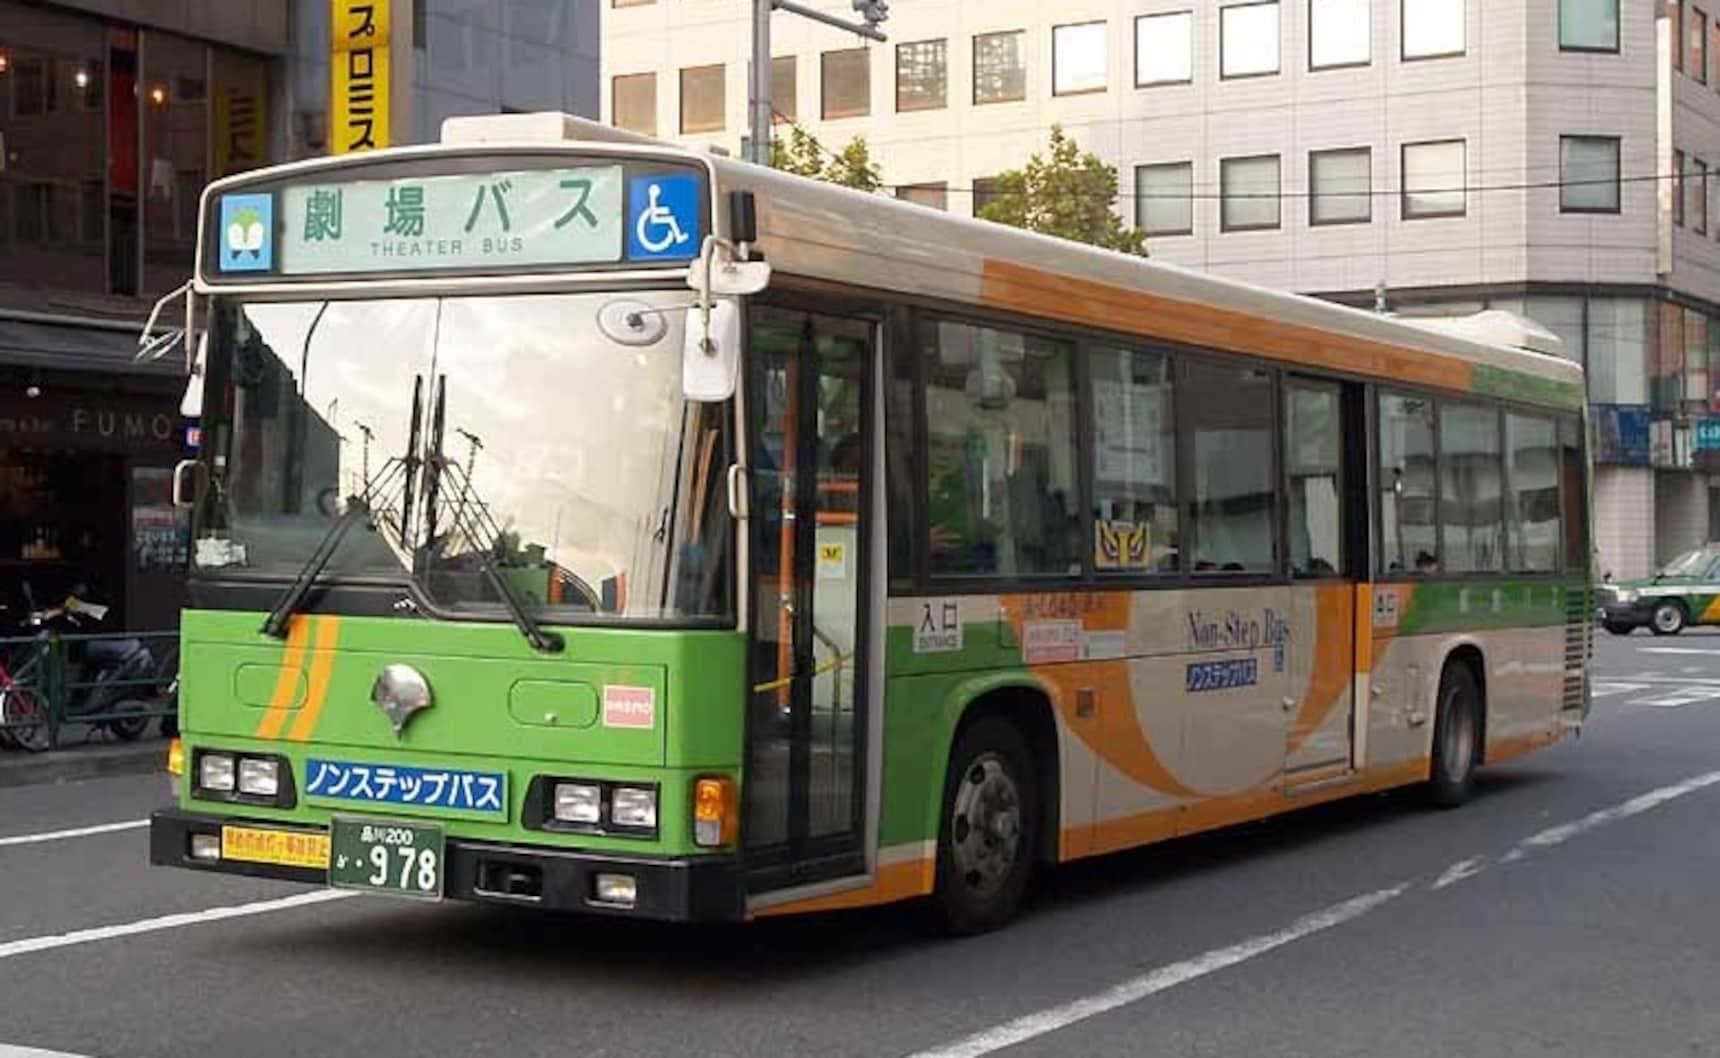 วิธีขึ้นรถบัสทั้ง 2 แบบในญี่ปุ่น